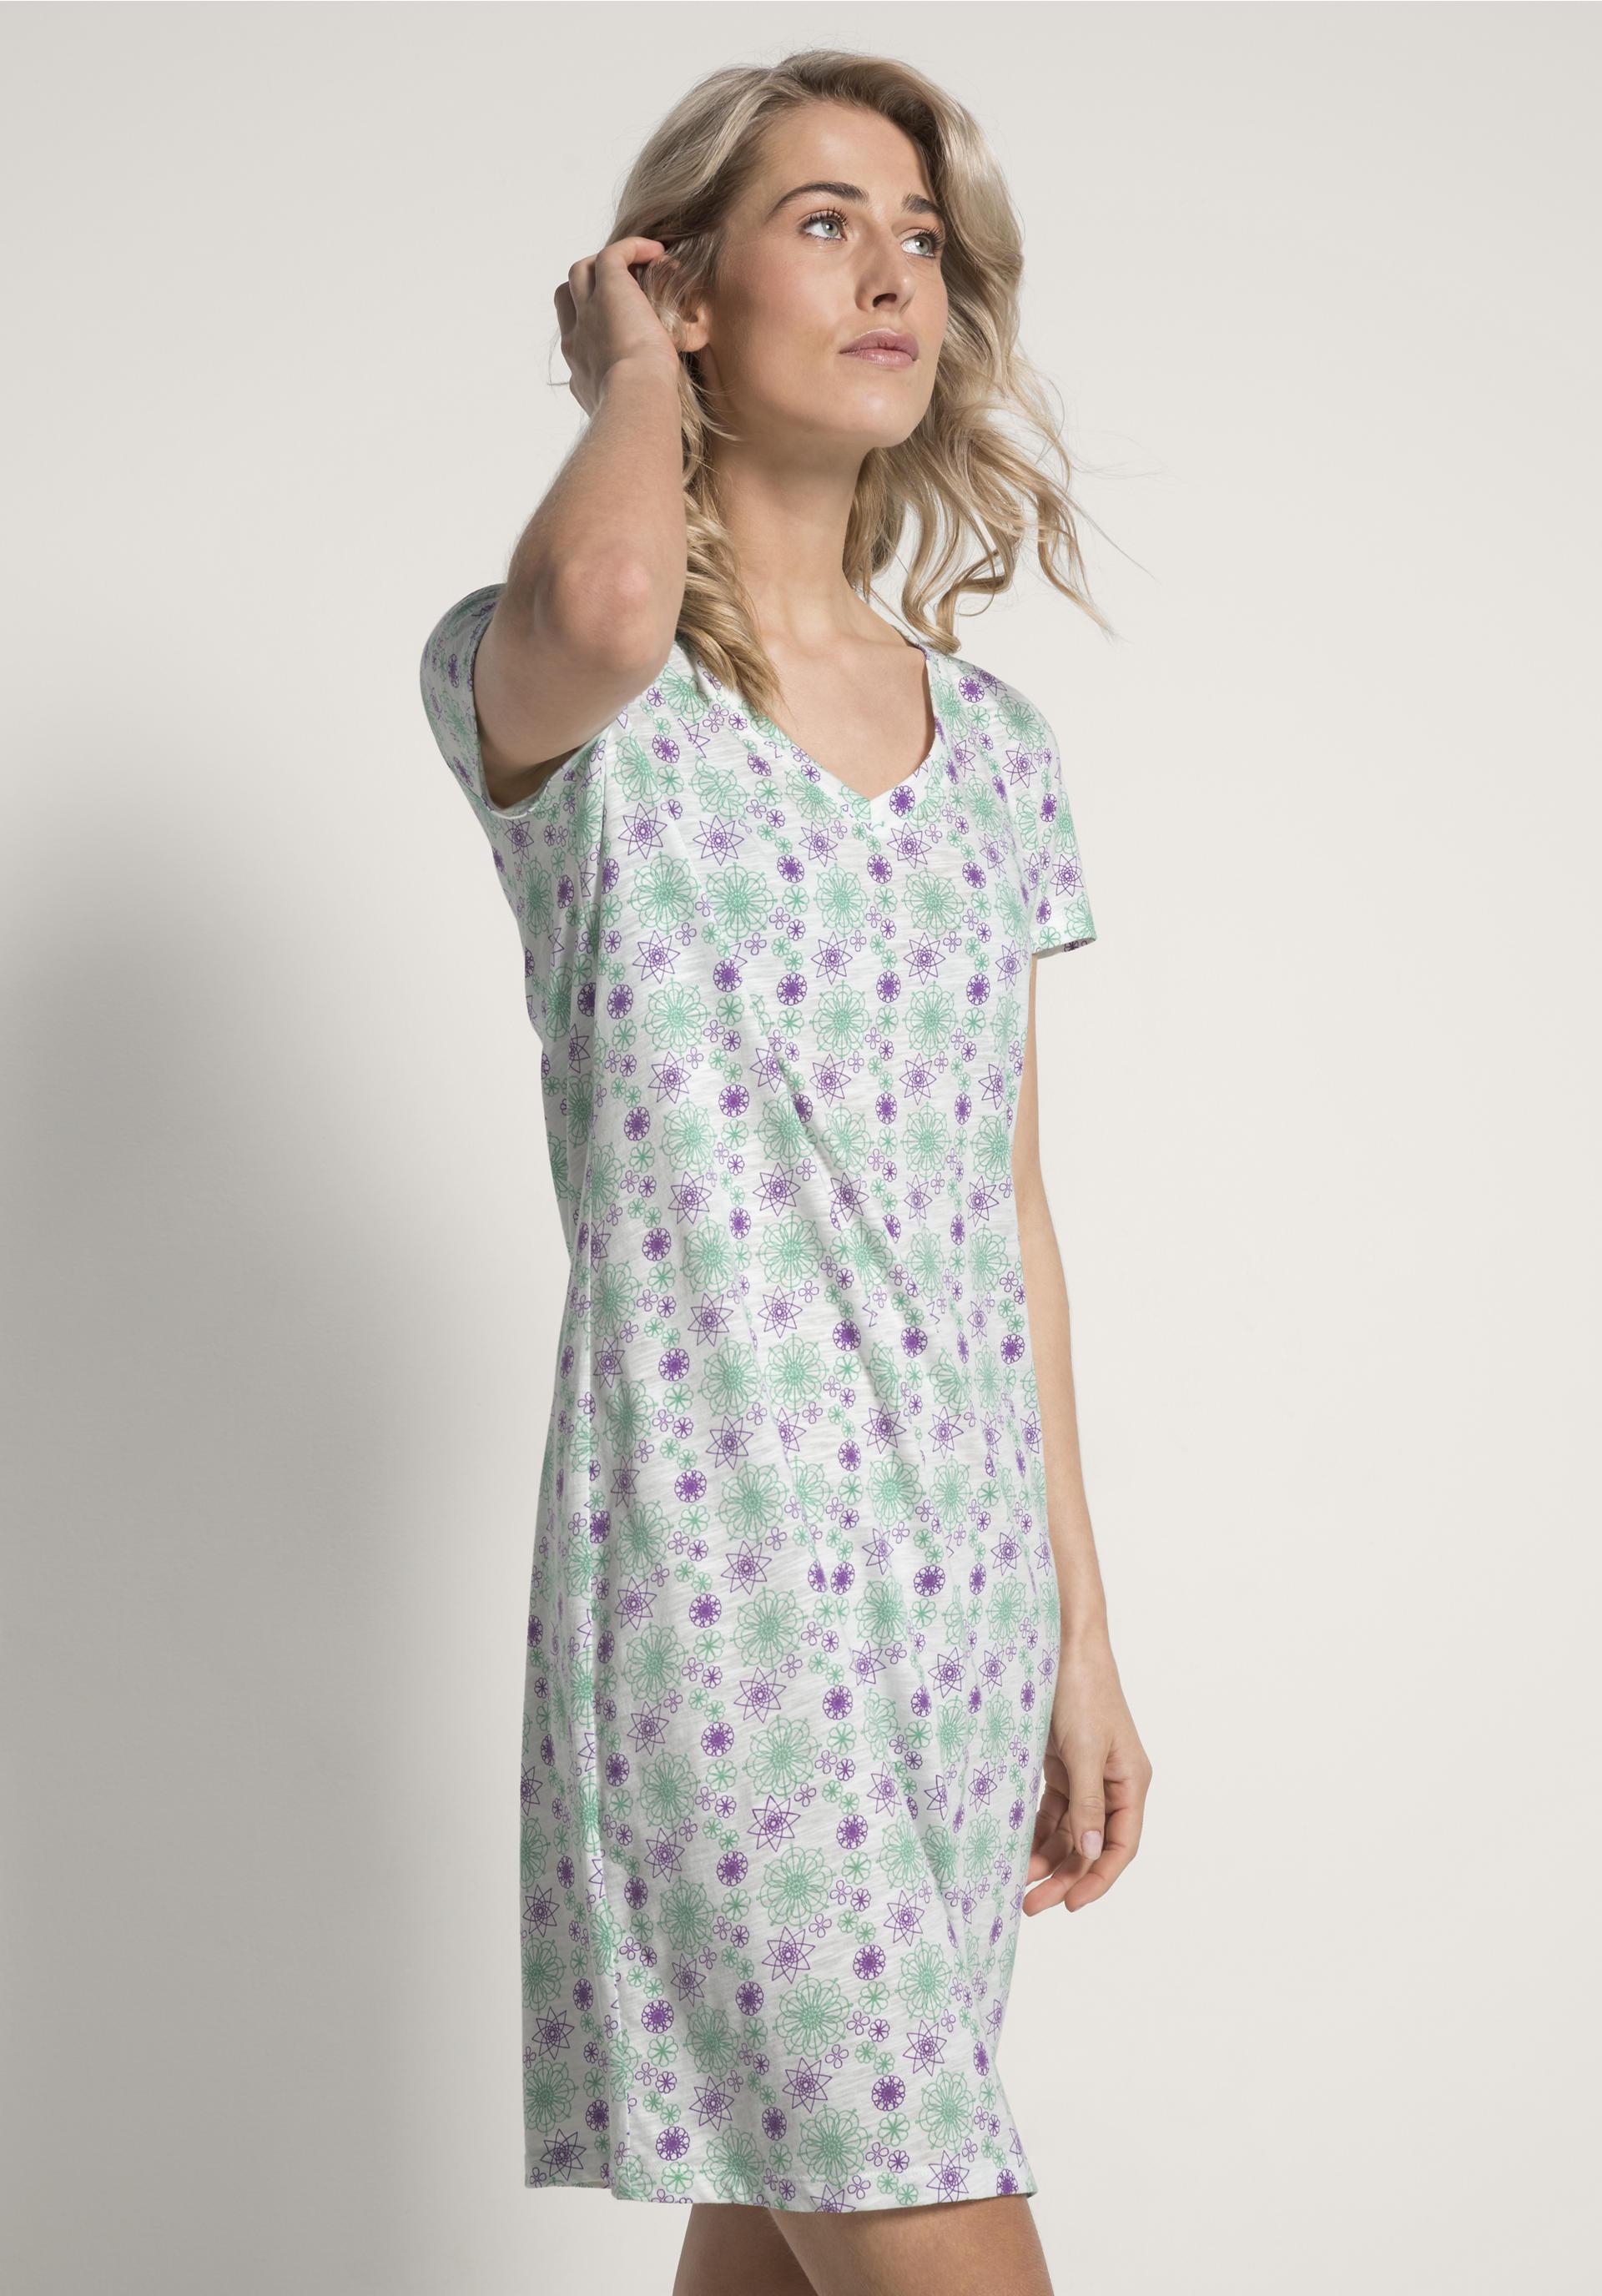 d6f03499a6d268 Damen Nachthemd aus reiner Bio-Baumwolle - hessnatur Deutschland